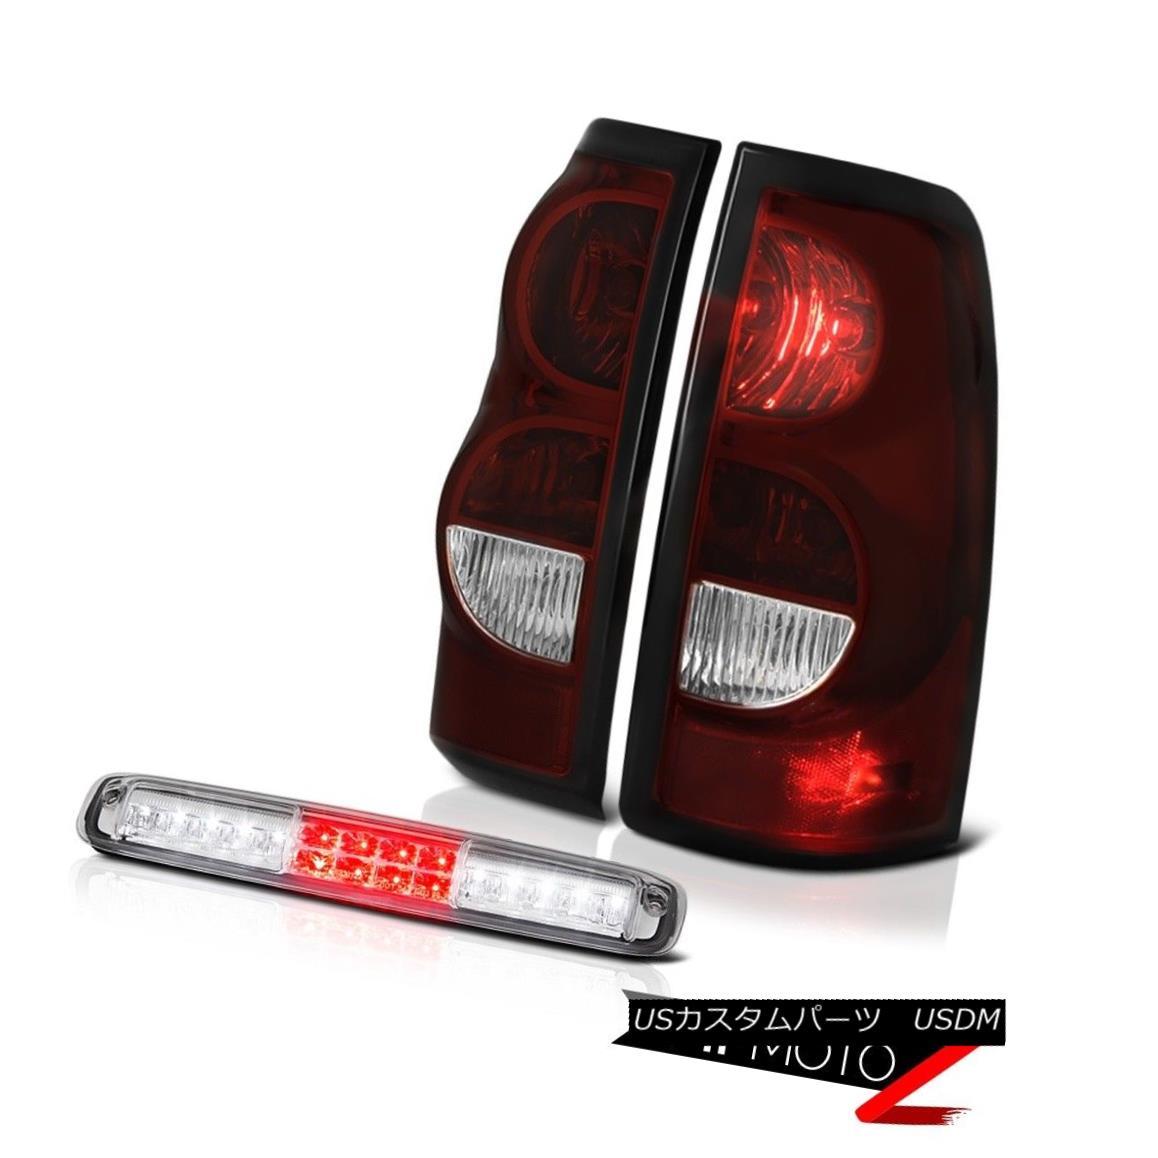 テールライト 2003-2006 Silverado 3500Hd Euro Clear Roof Brake Lamp Smoked Red Taillights LED 2003-2006シルバラード3500Hdユーロクリア屋根ブレーキランプスモークレッドティアライトLED